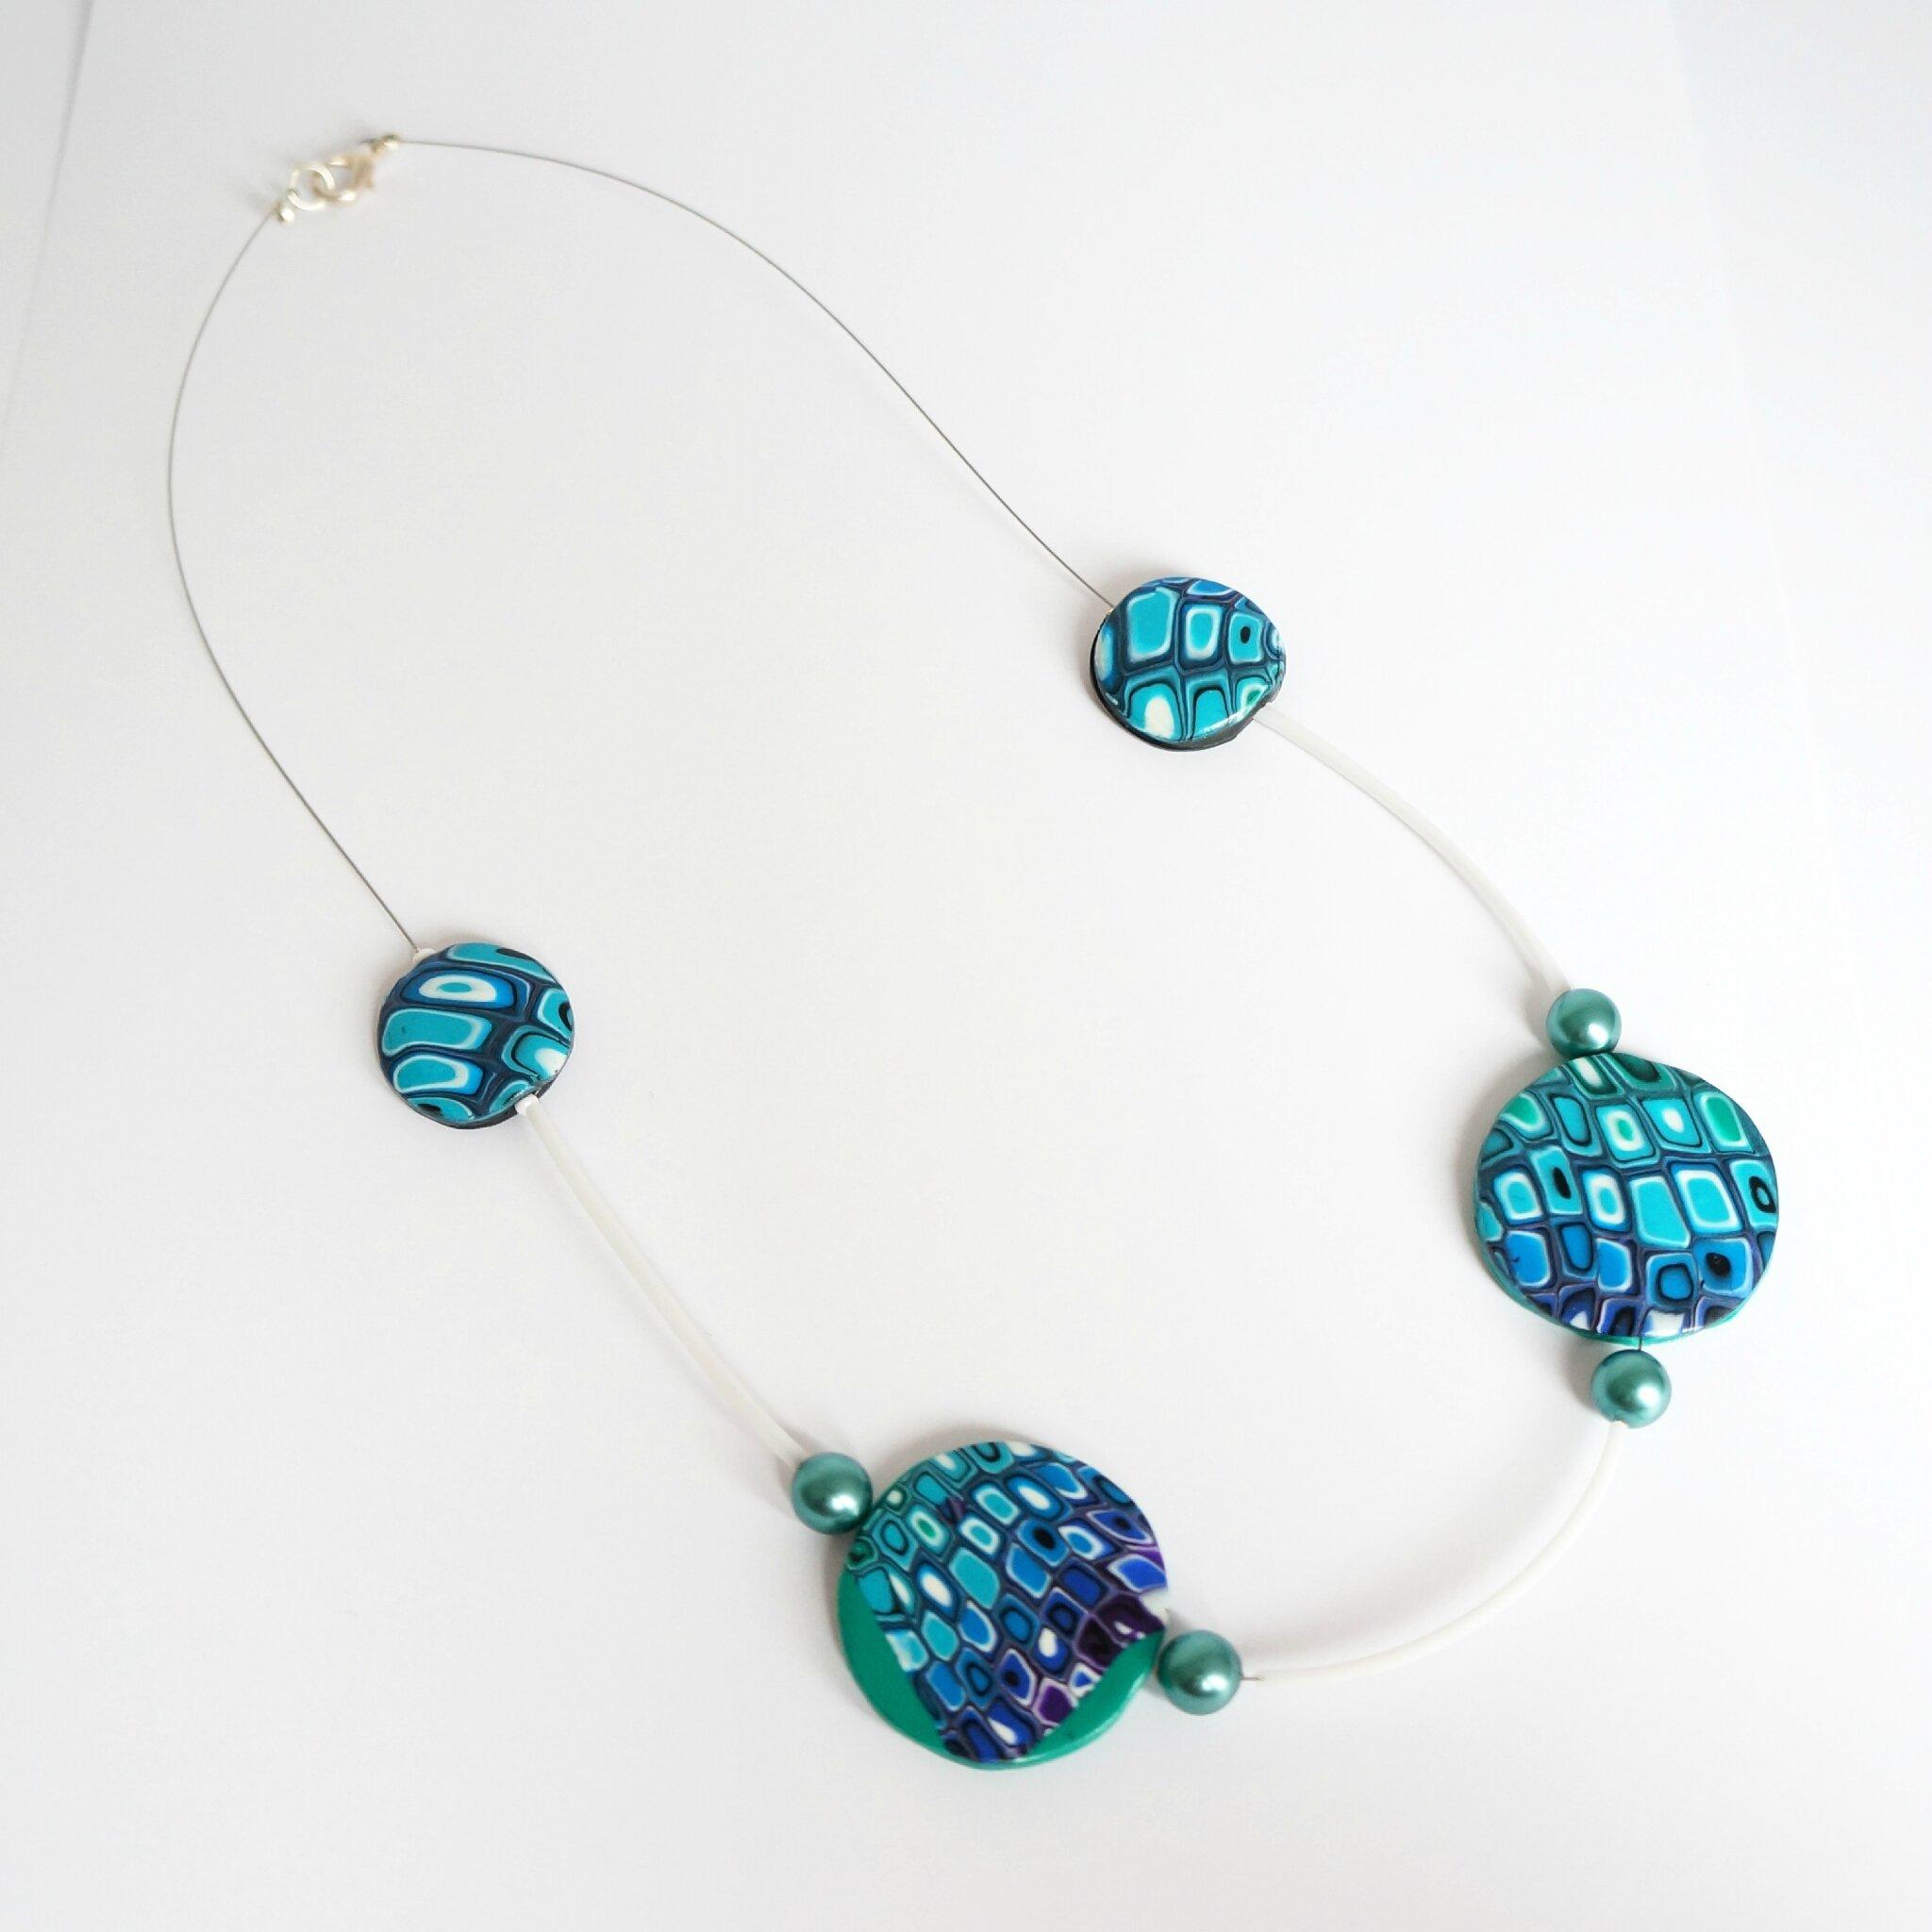 bijoux turquoise vert bleu et blanc en p te polym re fimo les bijoux du nibou. Black Bedroom Furniture Sets. Home Design Ideas